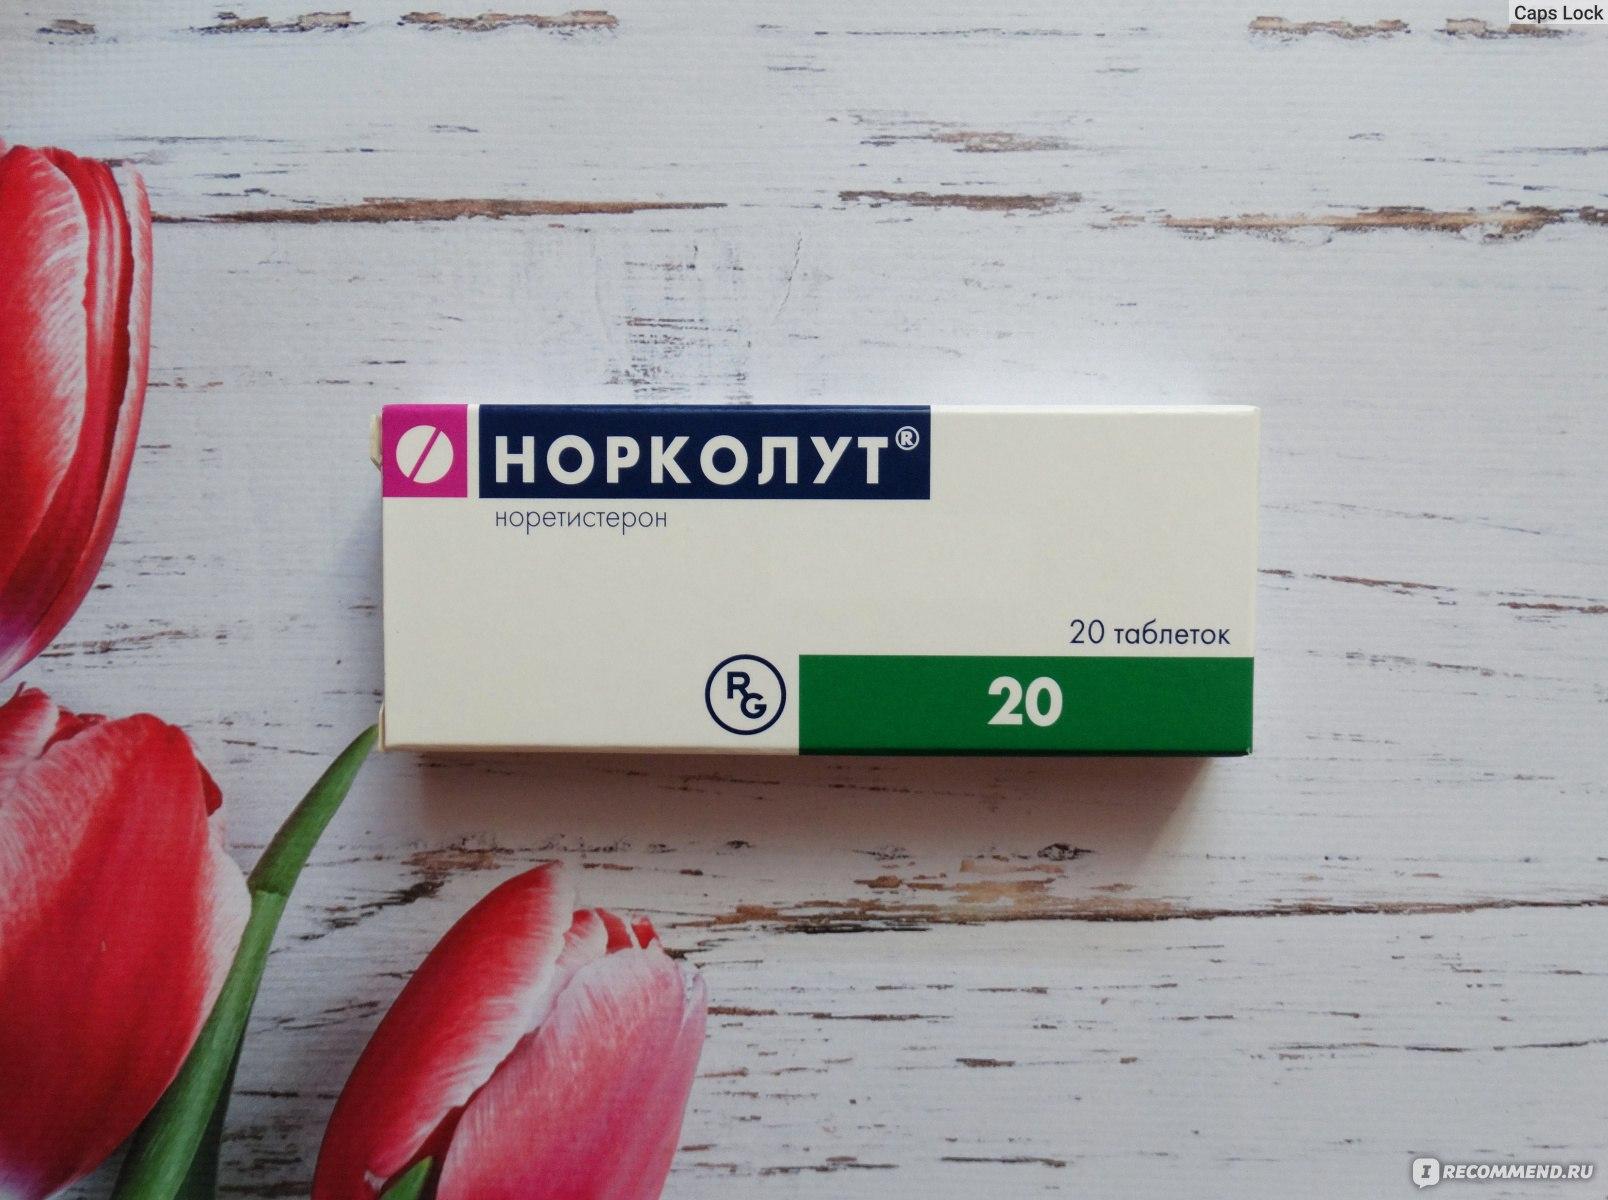 Гормональные препараты норколут «откровения похудевшей на 18 кг.